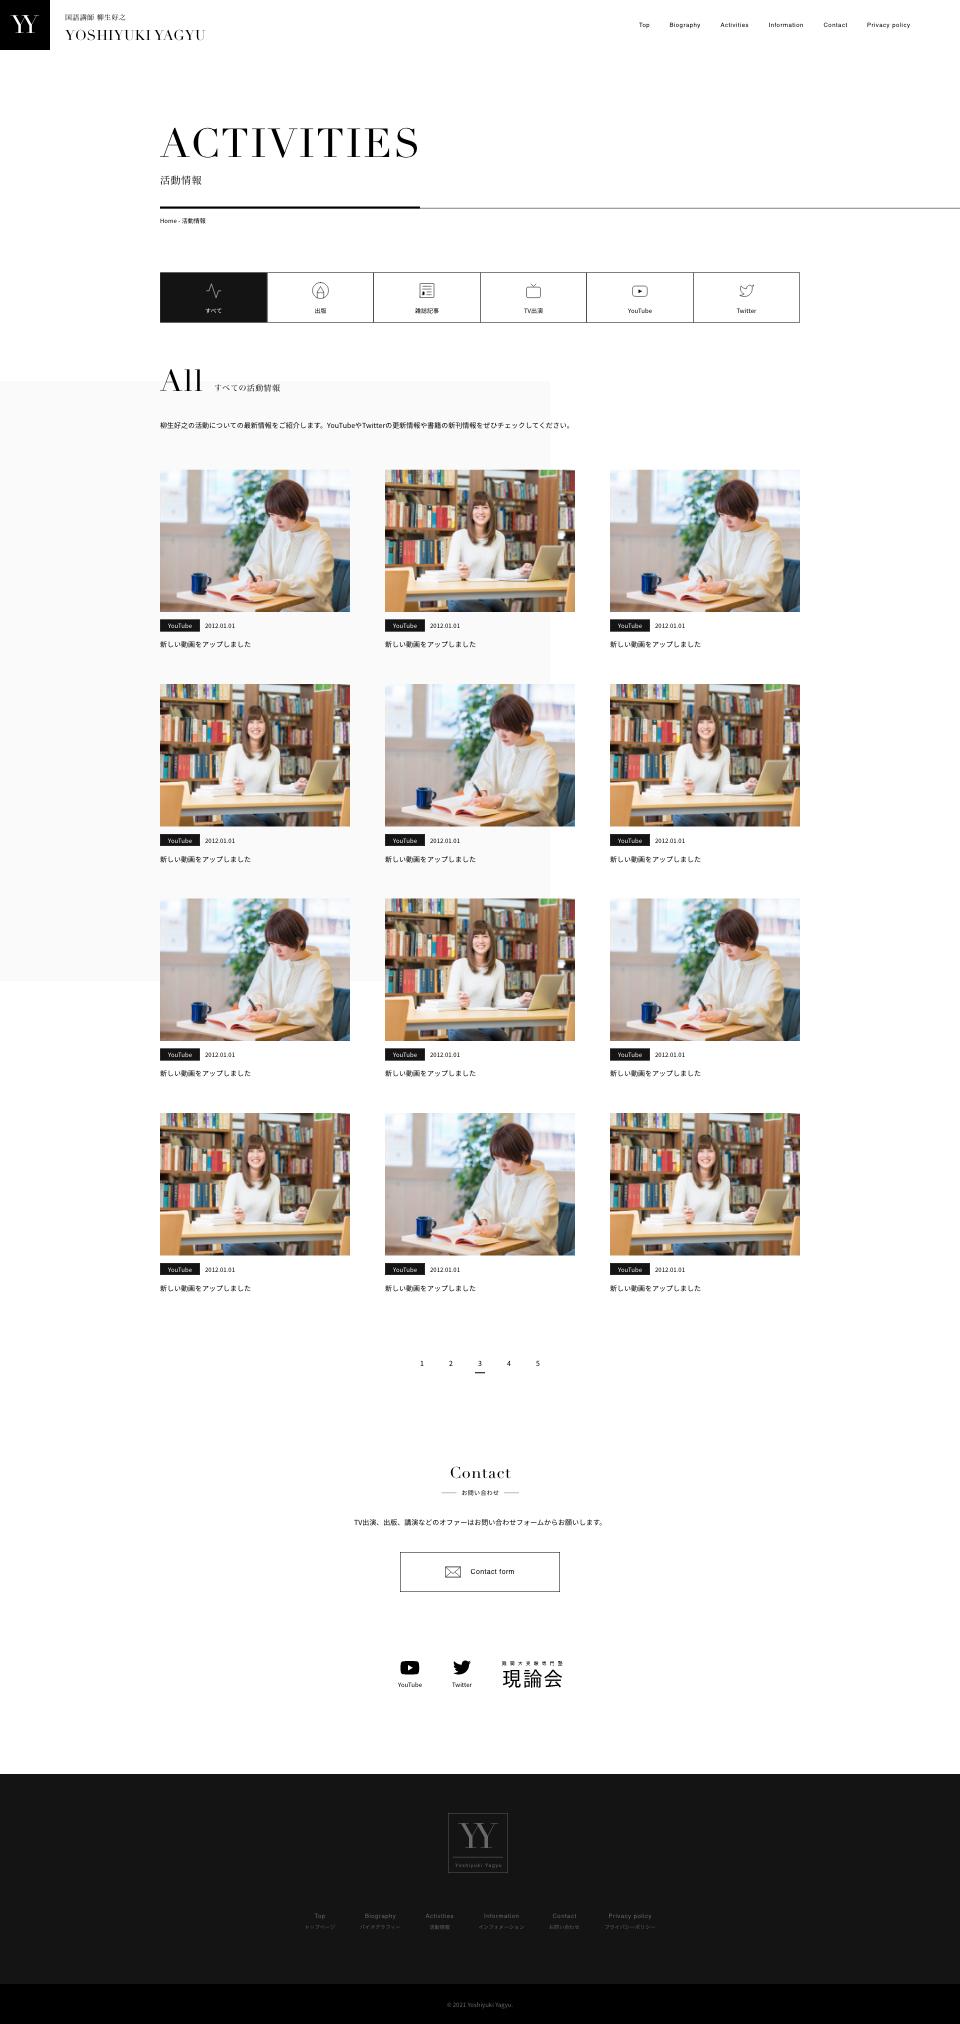 国語講師 柳生好之 公式サイト 活動情報ページ